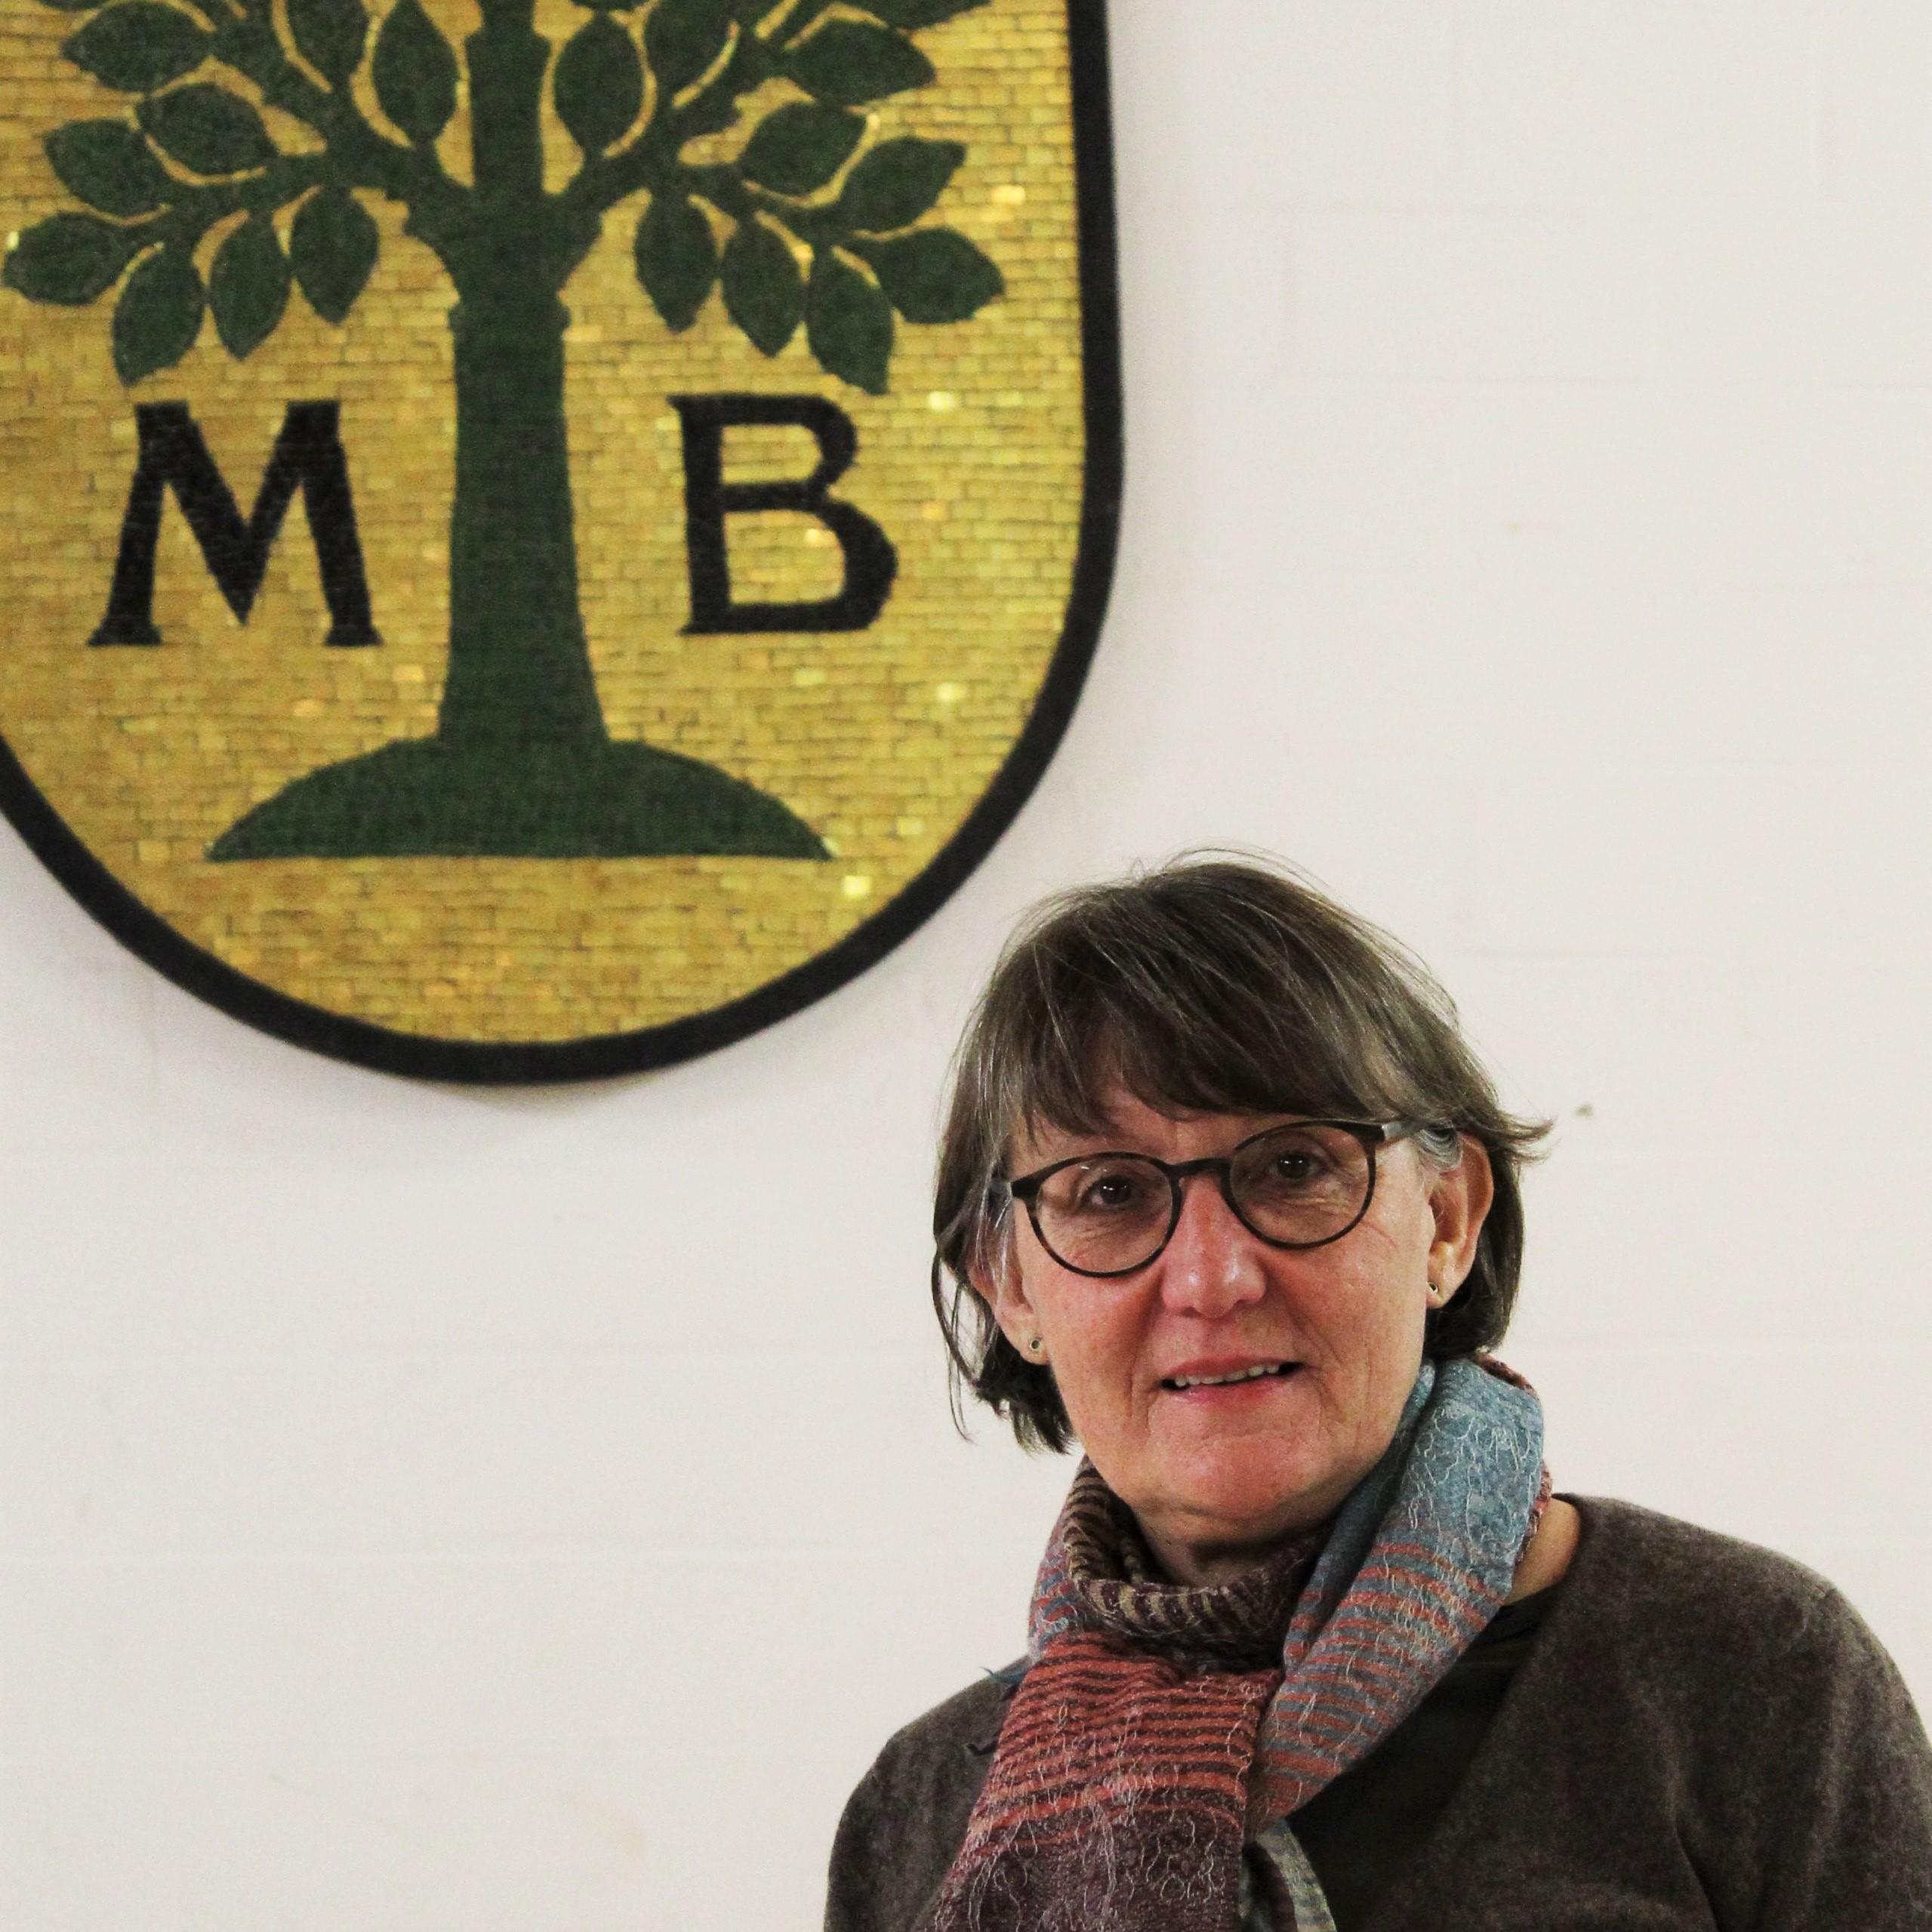 Birgit Mutz